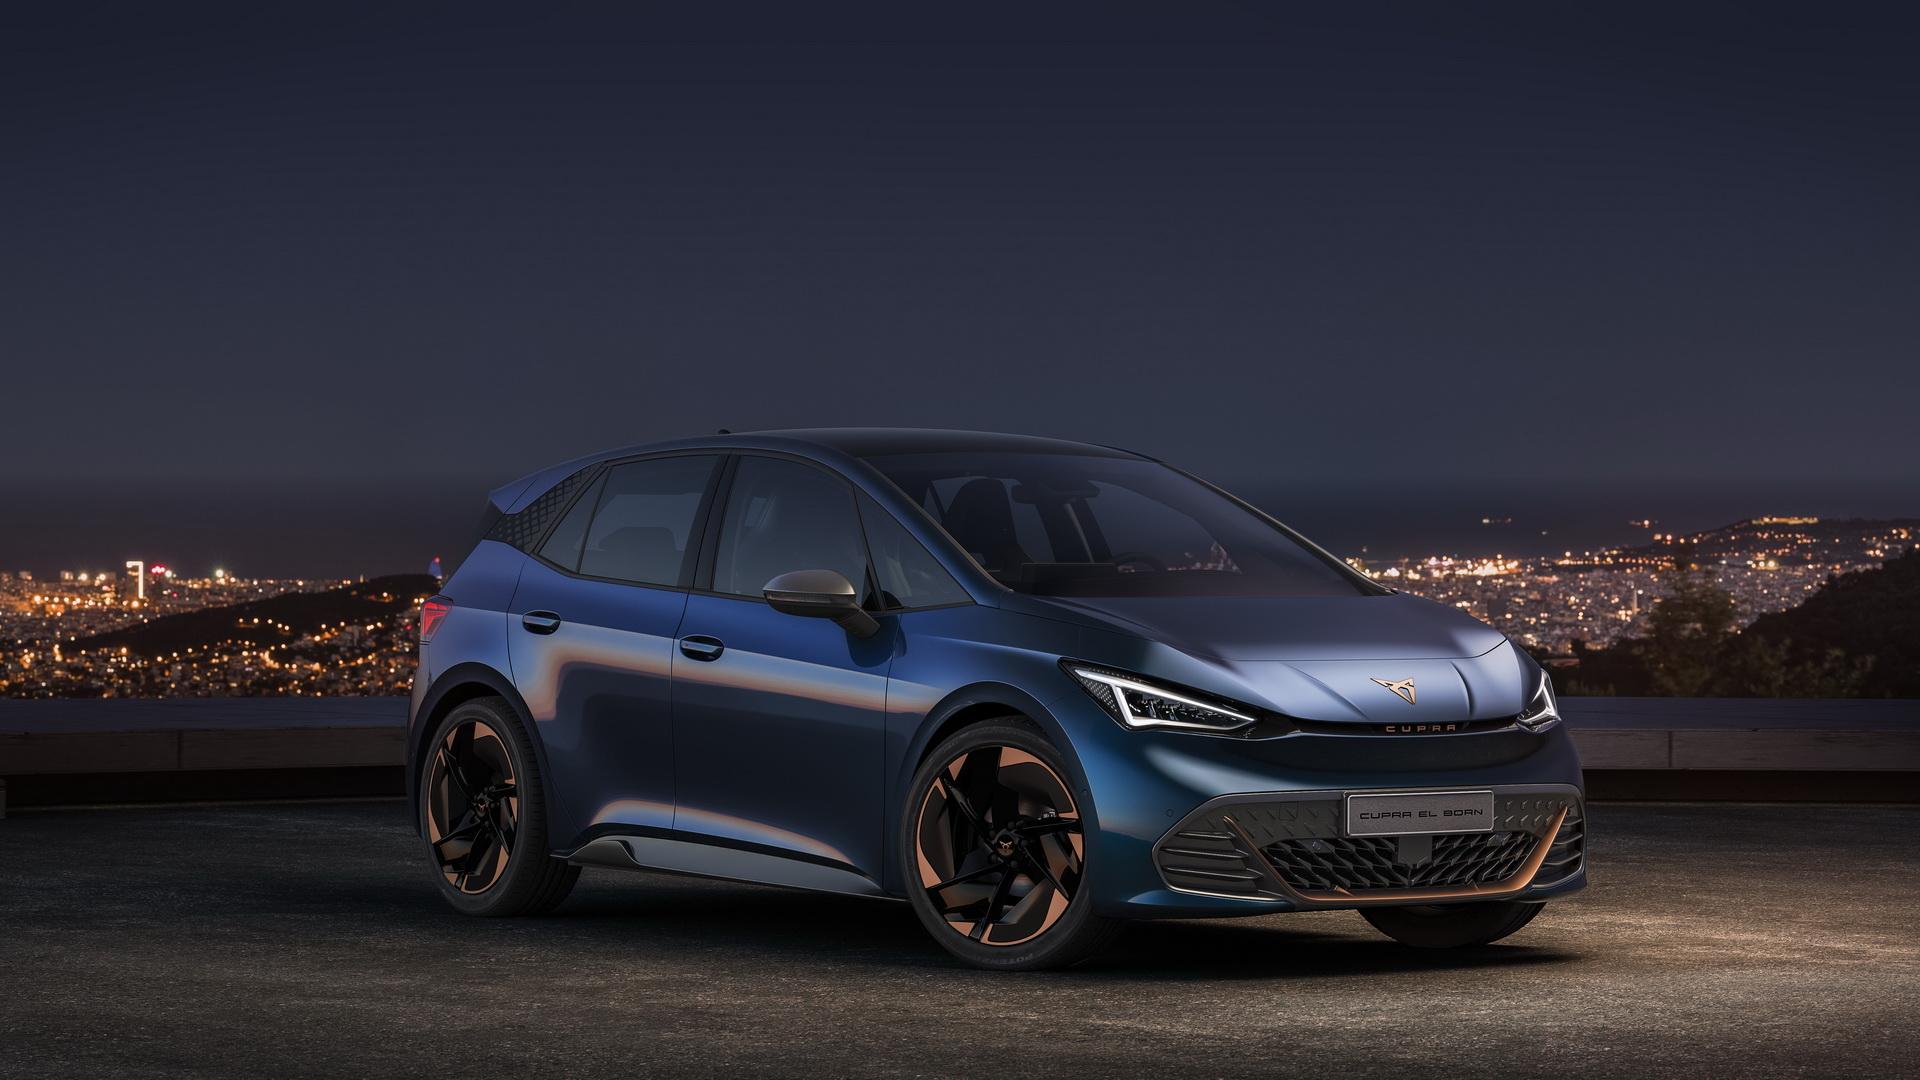 Cupra emblémás lesz az elektromos Volkswagen ID.3 testvérmodellje